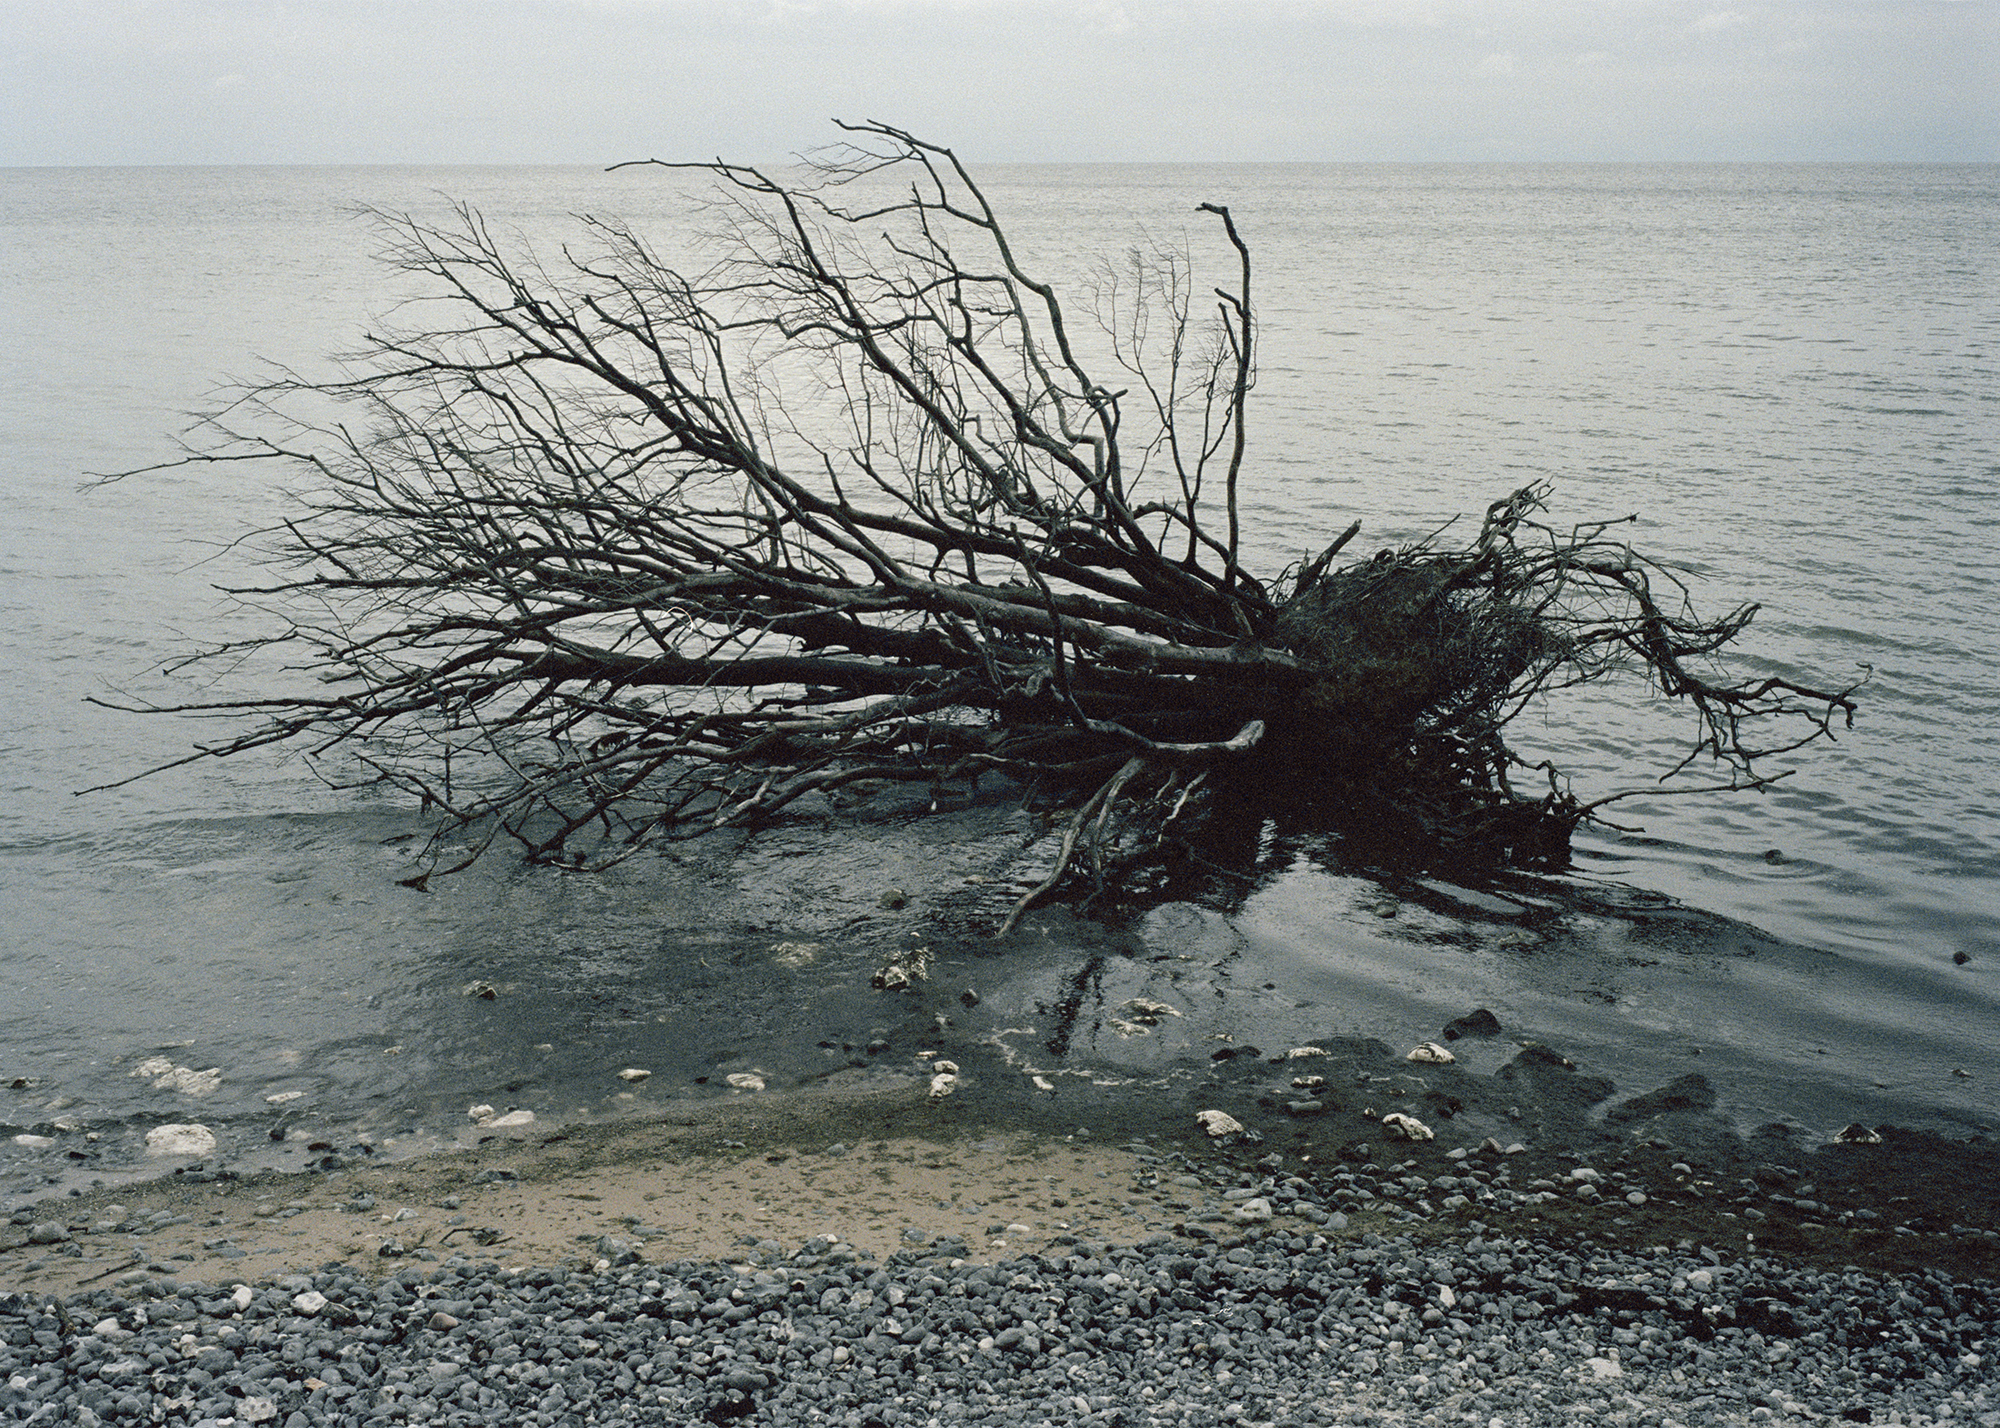 11_dead_tree_in_sea.jpg